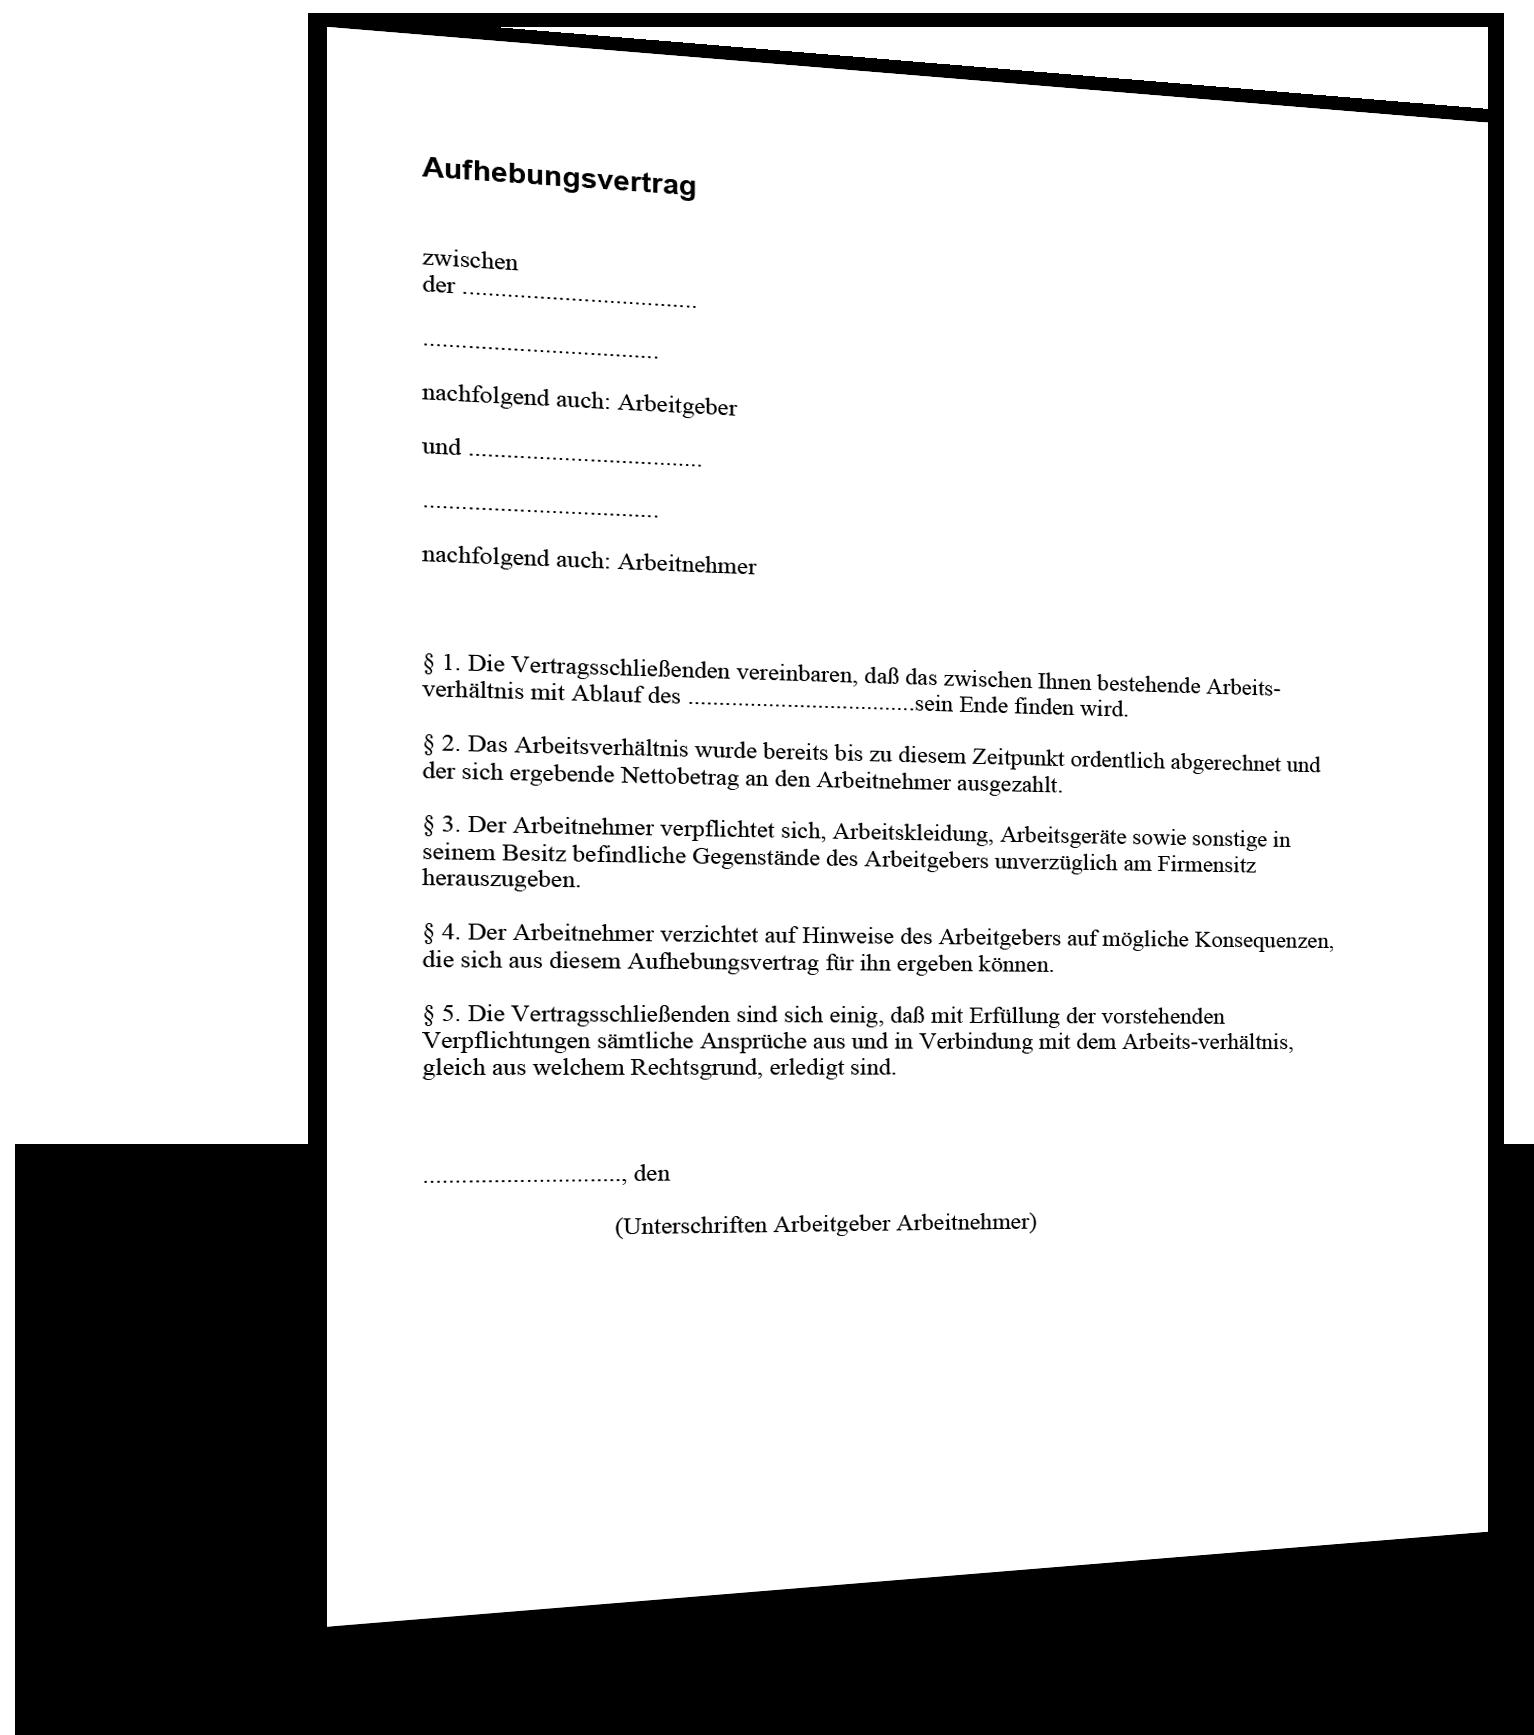 aufhebung arbeitsverhltnisses einfach muster - Aufhebungsvertrag Auf Wunsch Des Arbeitnehmers Muster